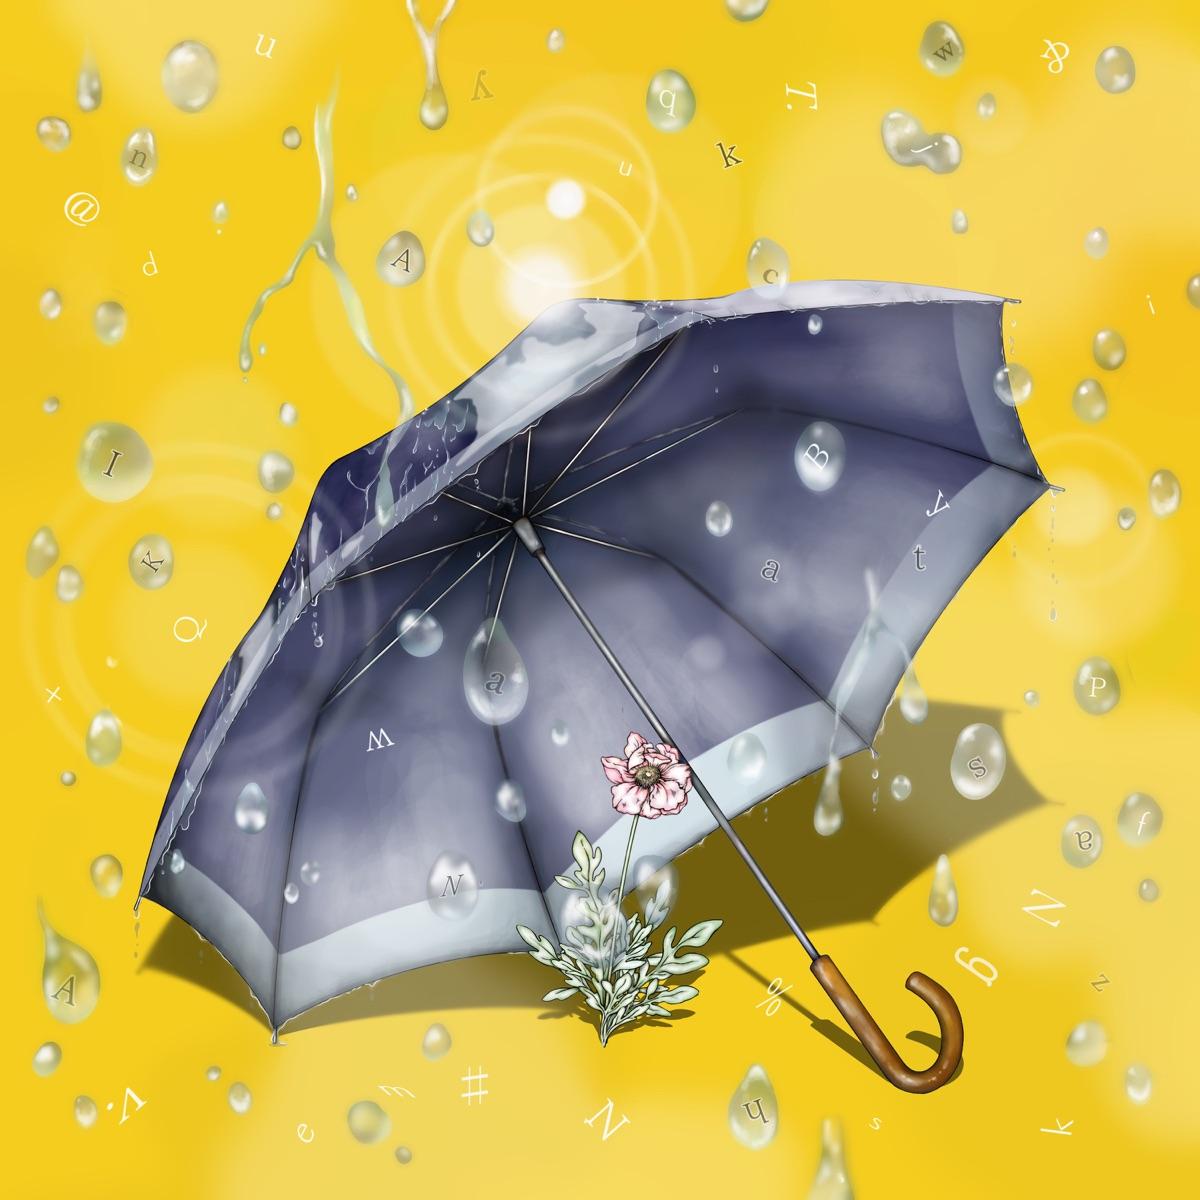 『四季彼方 - Moning Glory』収録の『カナタシキ イーピー4』ジャケット